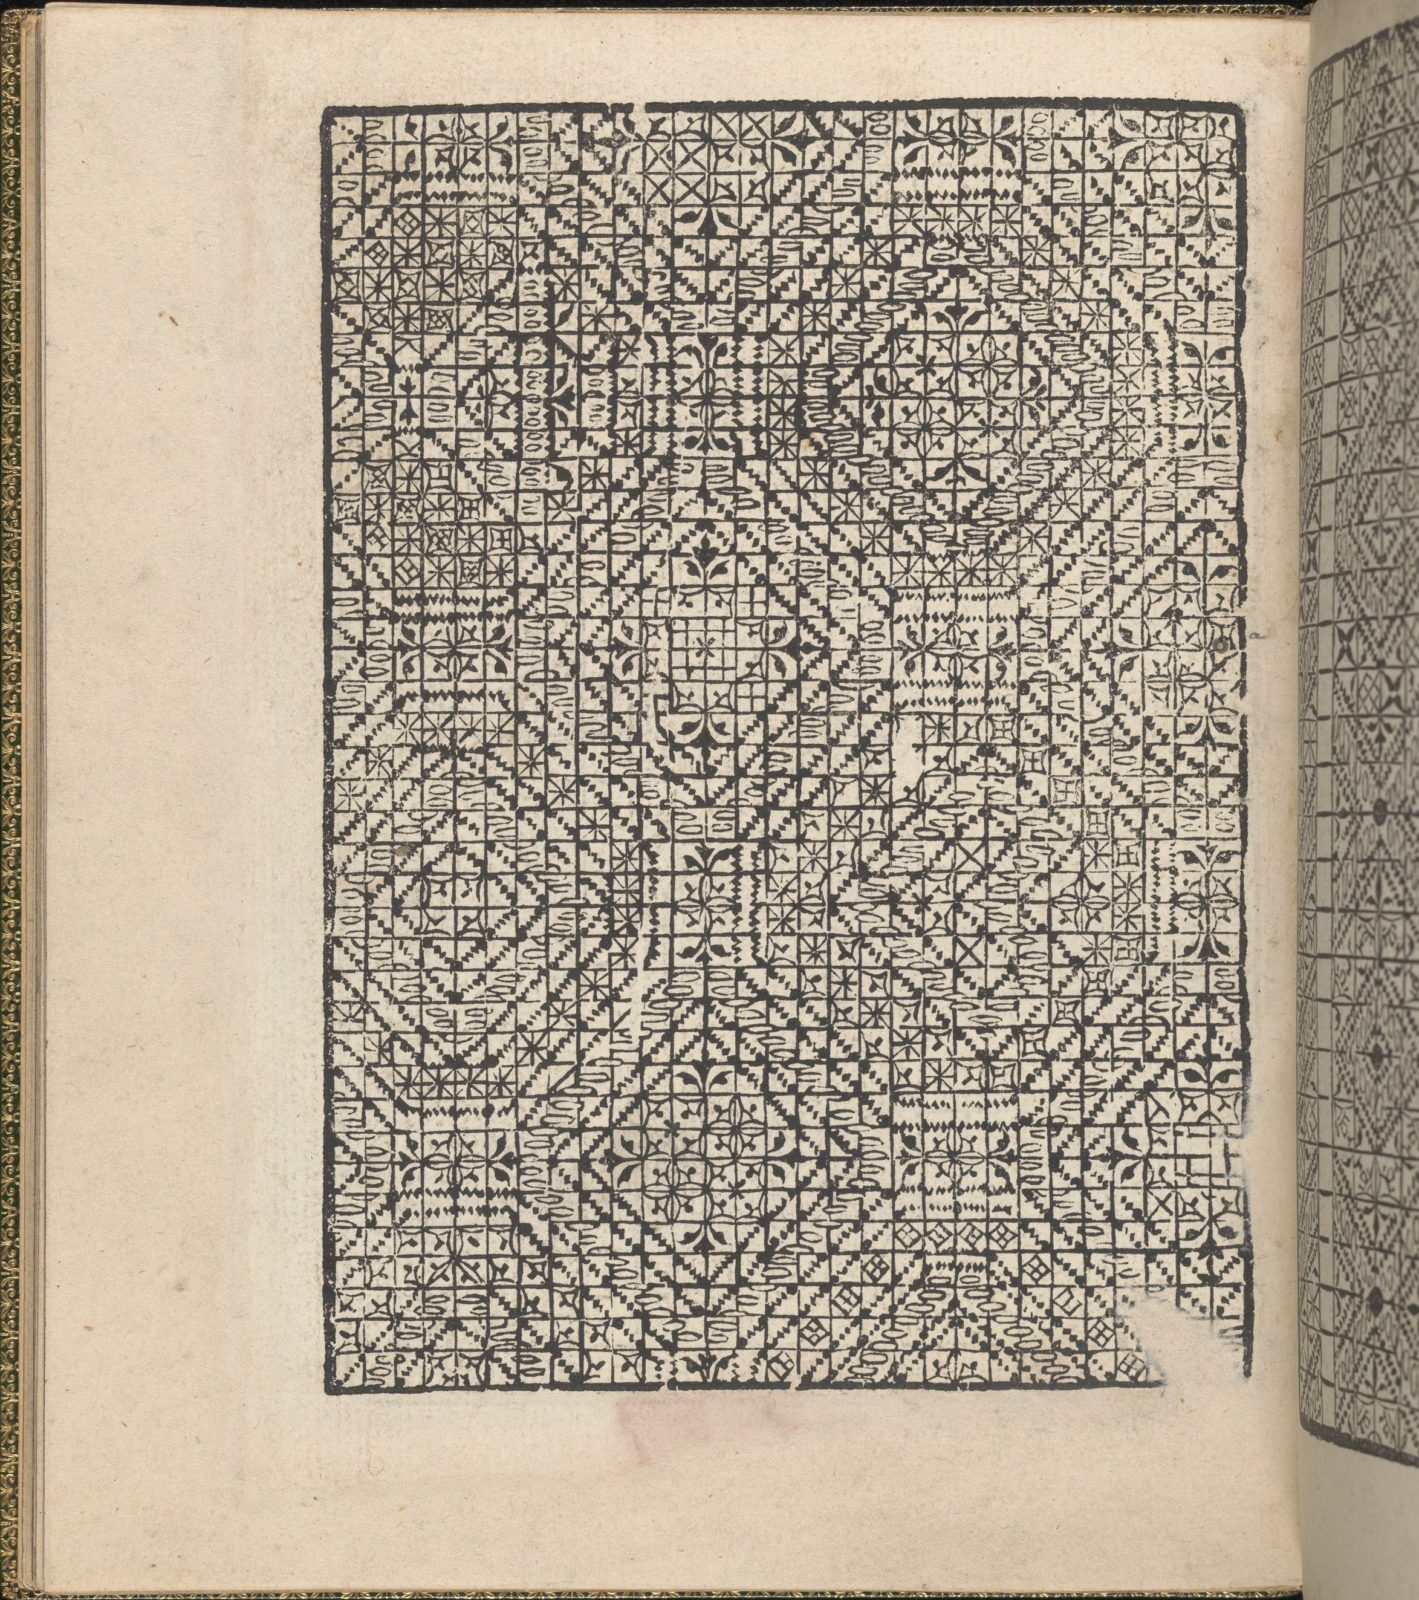 Giardineto novo di punti tagliati et gropposi per exercitio & ornamento delle donne (Venice 1554), page 22 (verso)